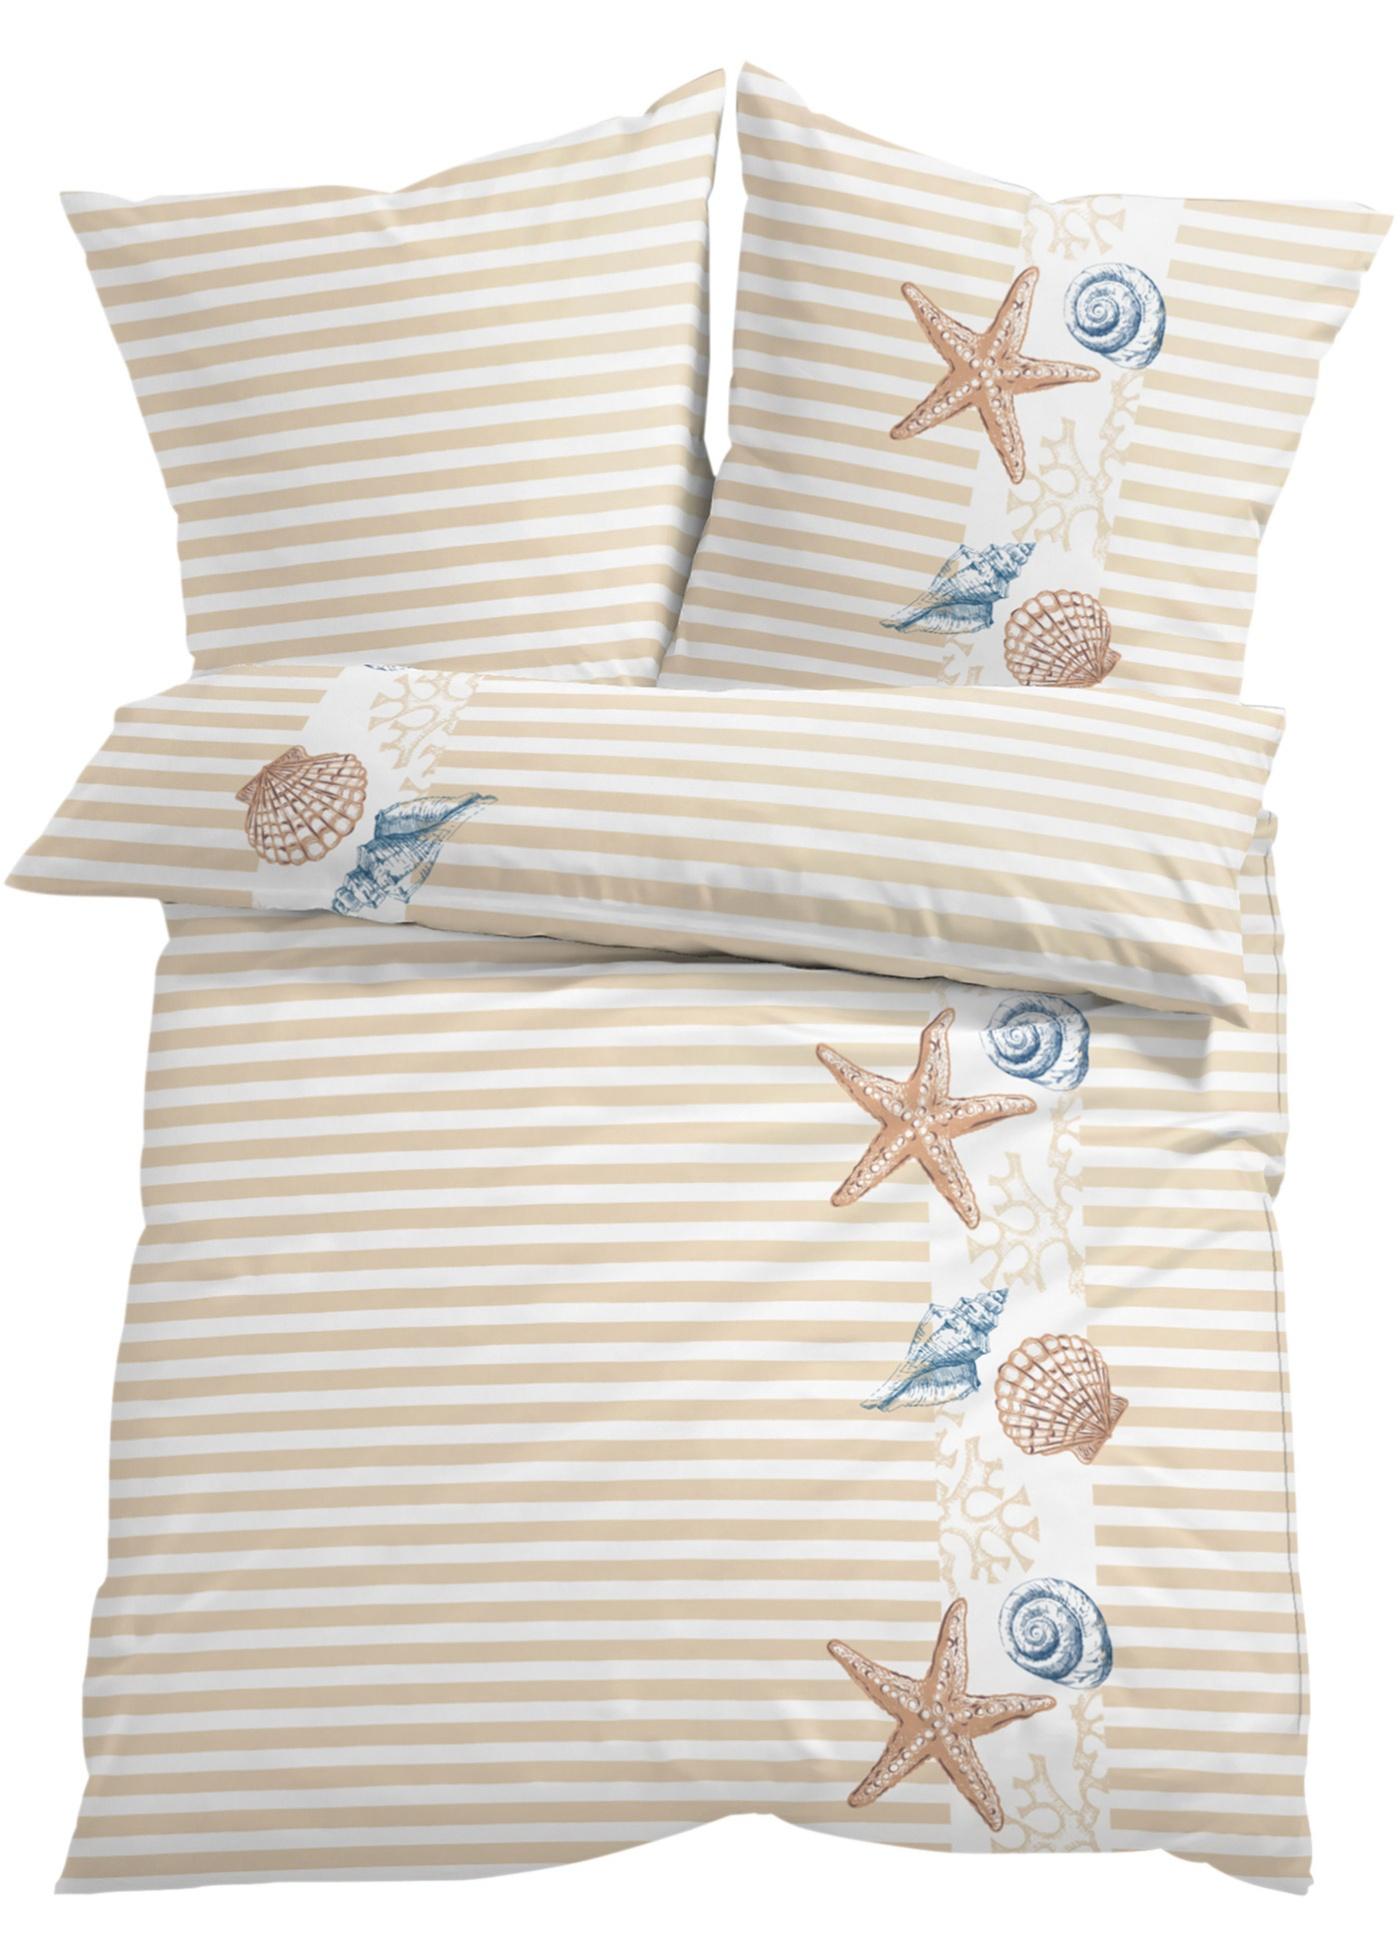 Linge de lit élégant combinant de jolis motifs marins et des rayures fines. Différentes couleurs et matières au choix.